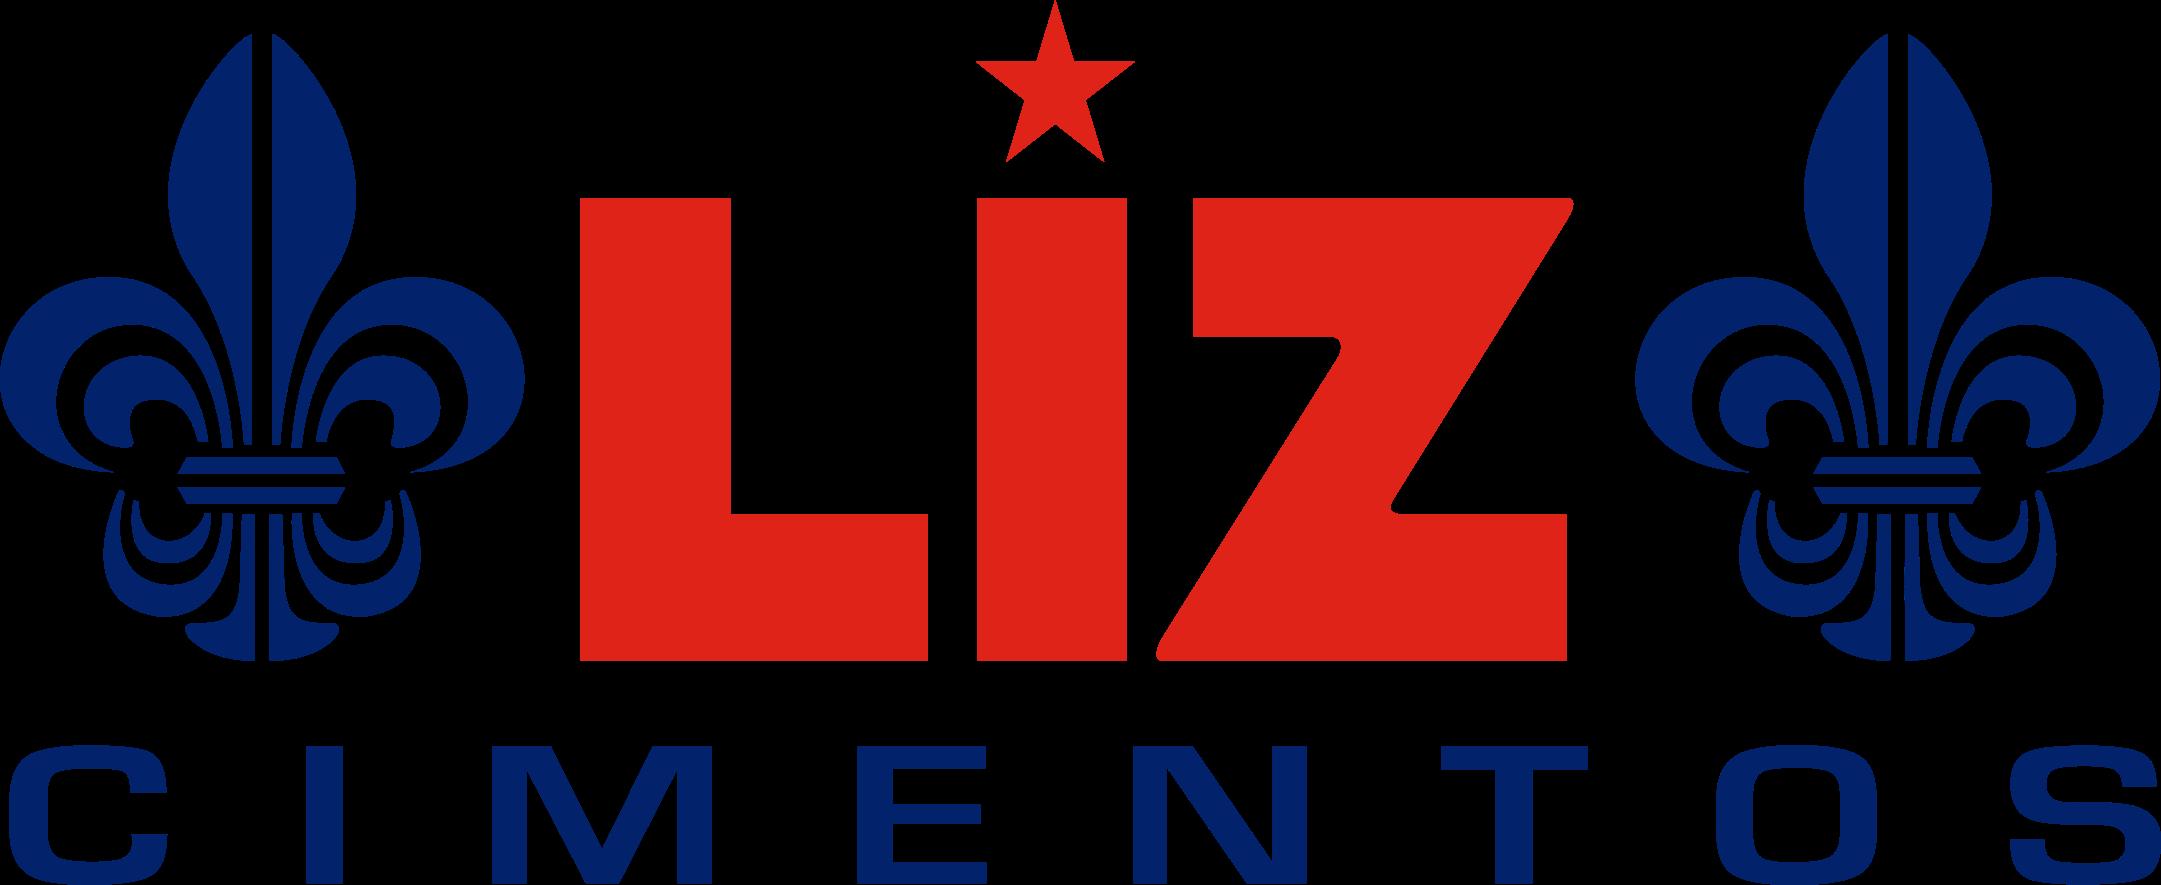 cimentos liz logo 1 - Cimentos Liz Logo